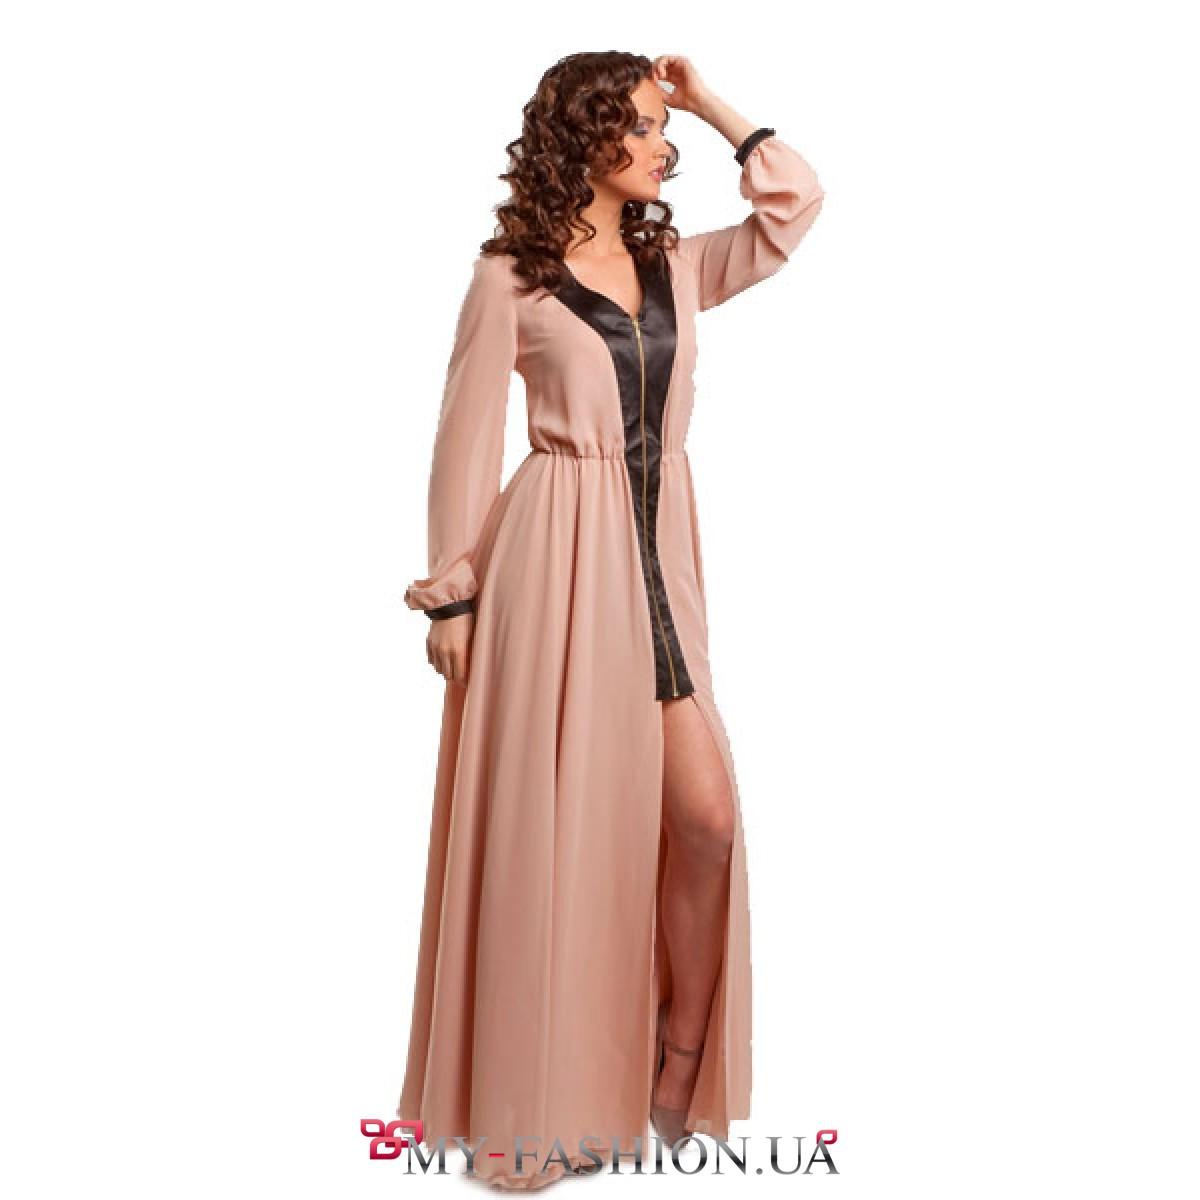 Женская Верхняя Одежда 2017 Купить